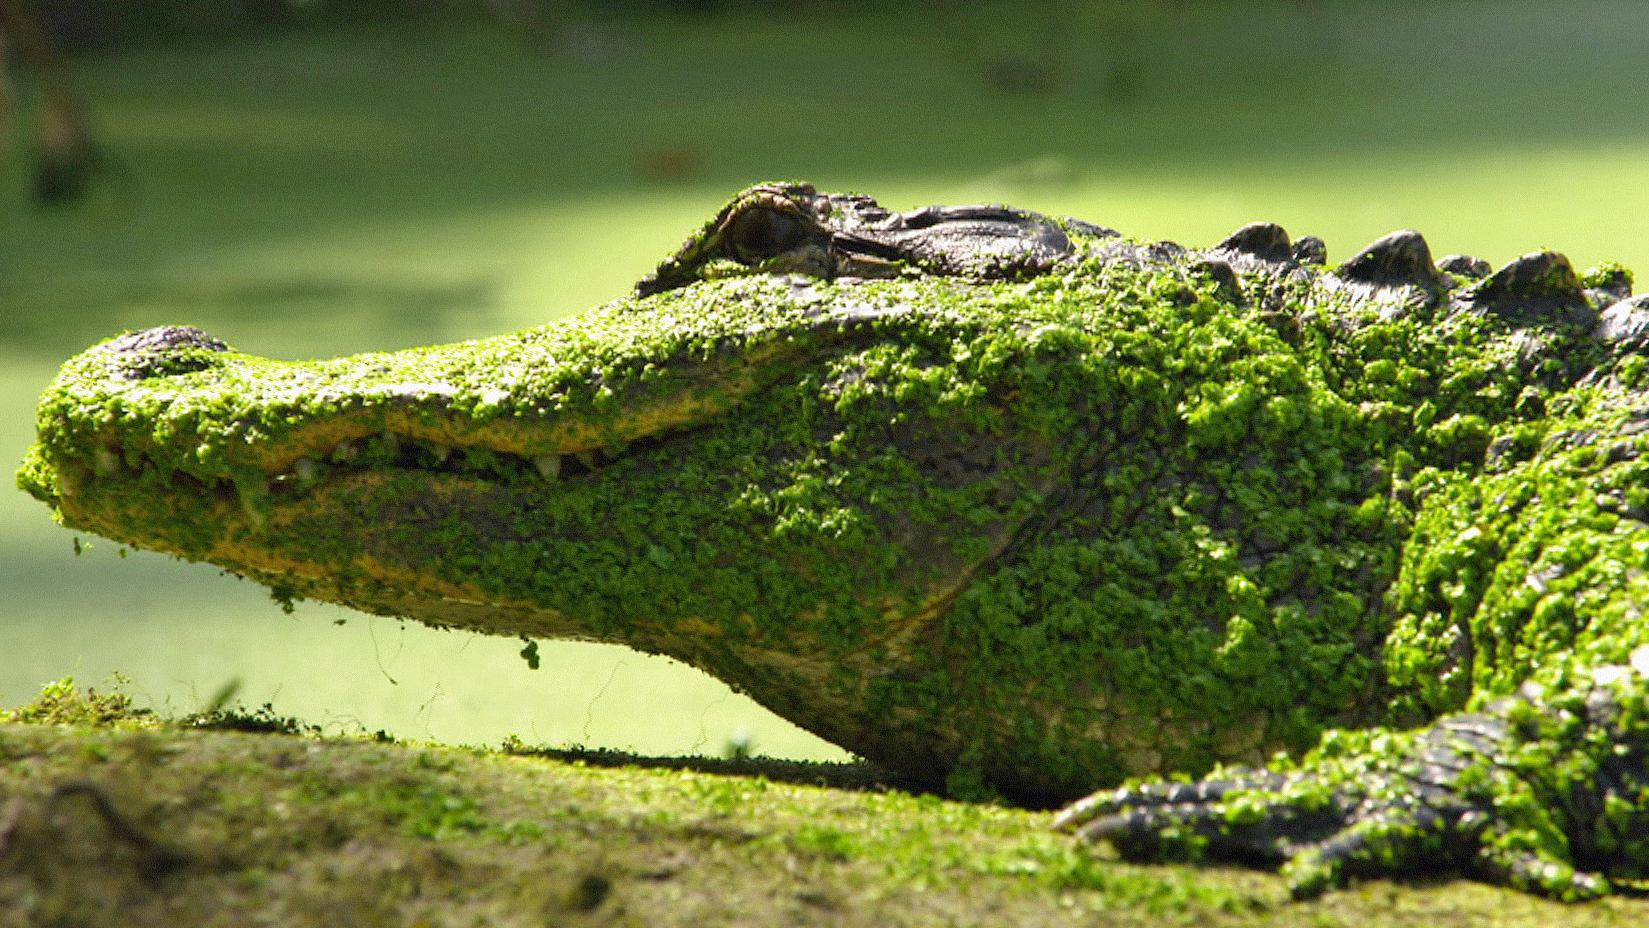 Krokodil, das als Haustier gehalten wurde